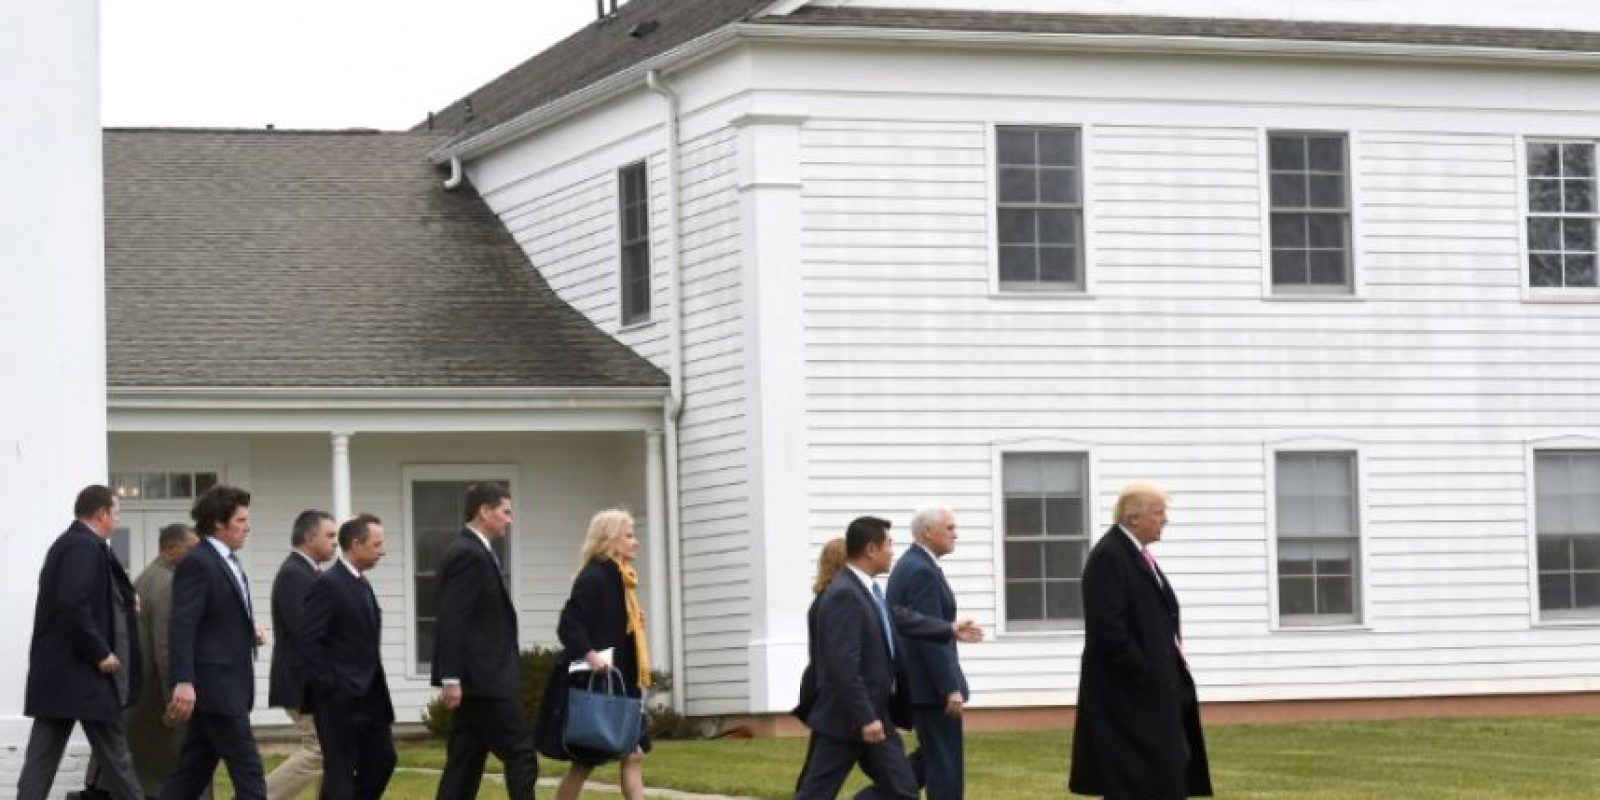 Donald Trump y Mike Pence, presidente y vicepresidente electo estadounidenses, salen de la iglesia presbiteriana a la que asistieron este 20 de noviembre de 2016 en Bedminster, Nueva Jersey (EEUU) Foto:Don Emmert/afp.com